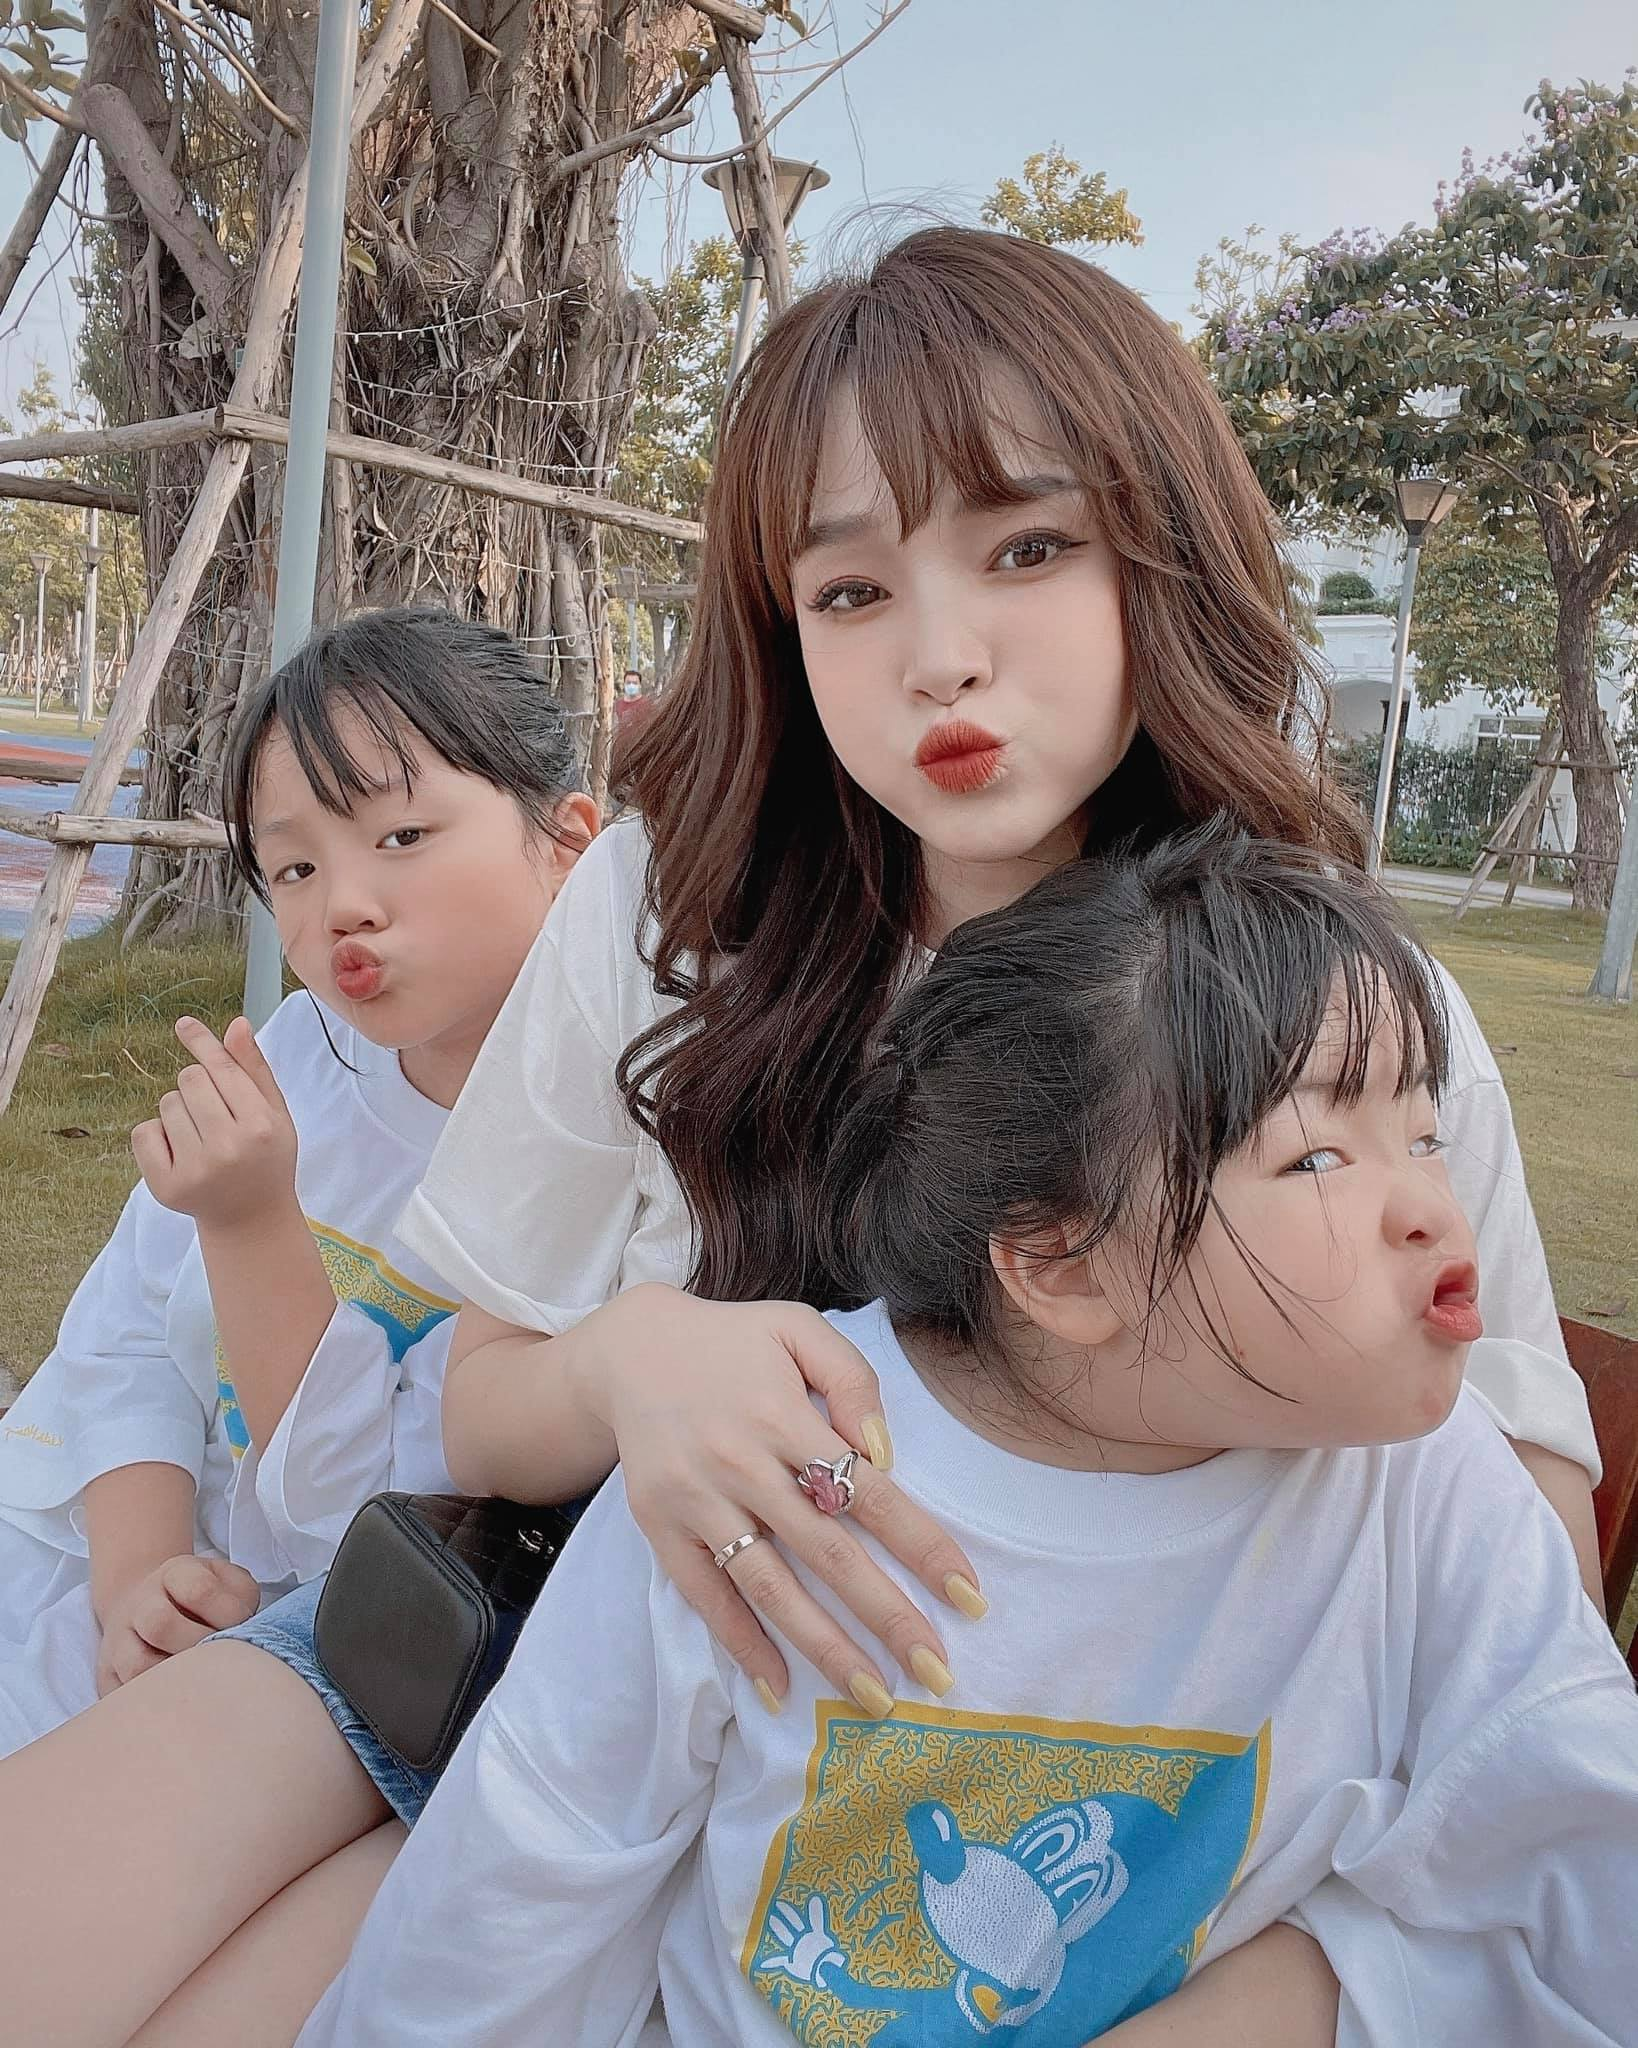 Cuối tuần của hội hot mom: Bà xã Tuấn Hưng đón sinh nhật tuổi 30, Thủy Anh khoe bữa cơm 5 sao do ông xã Đăng Khôi tự nấu